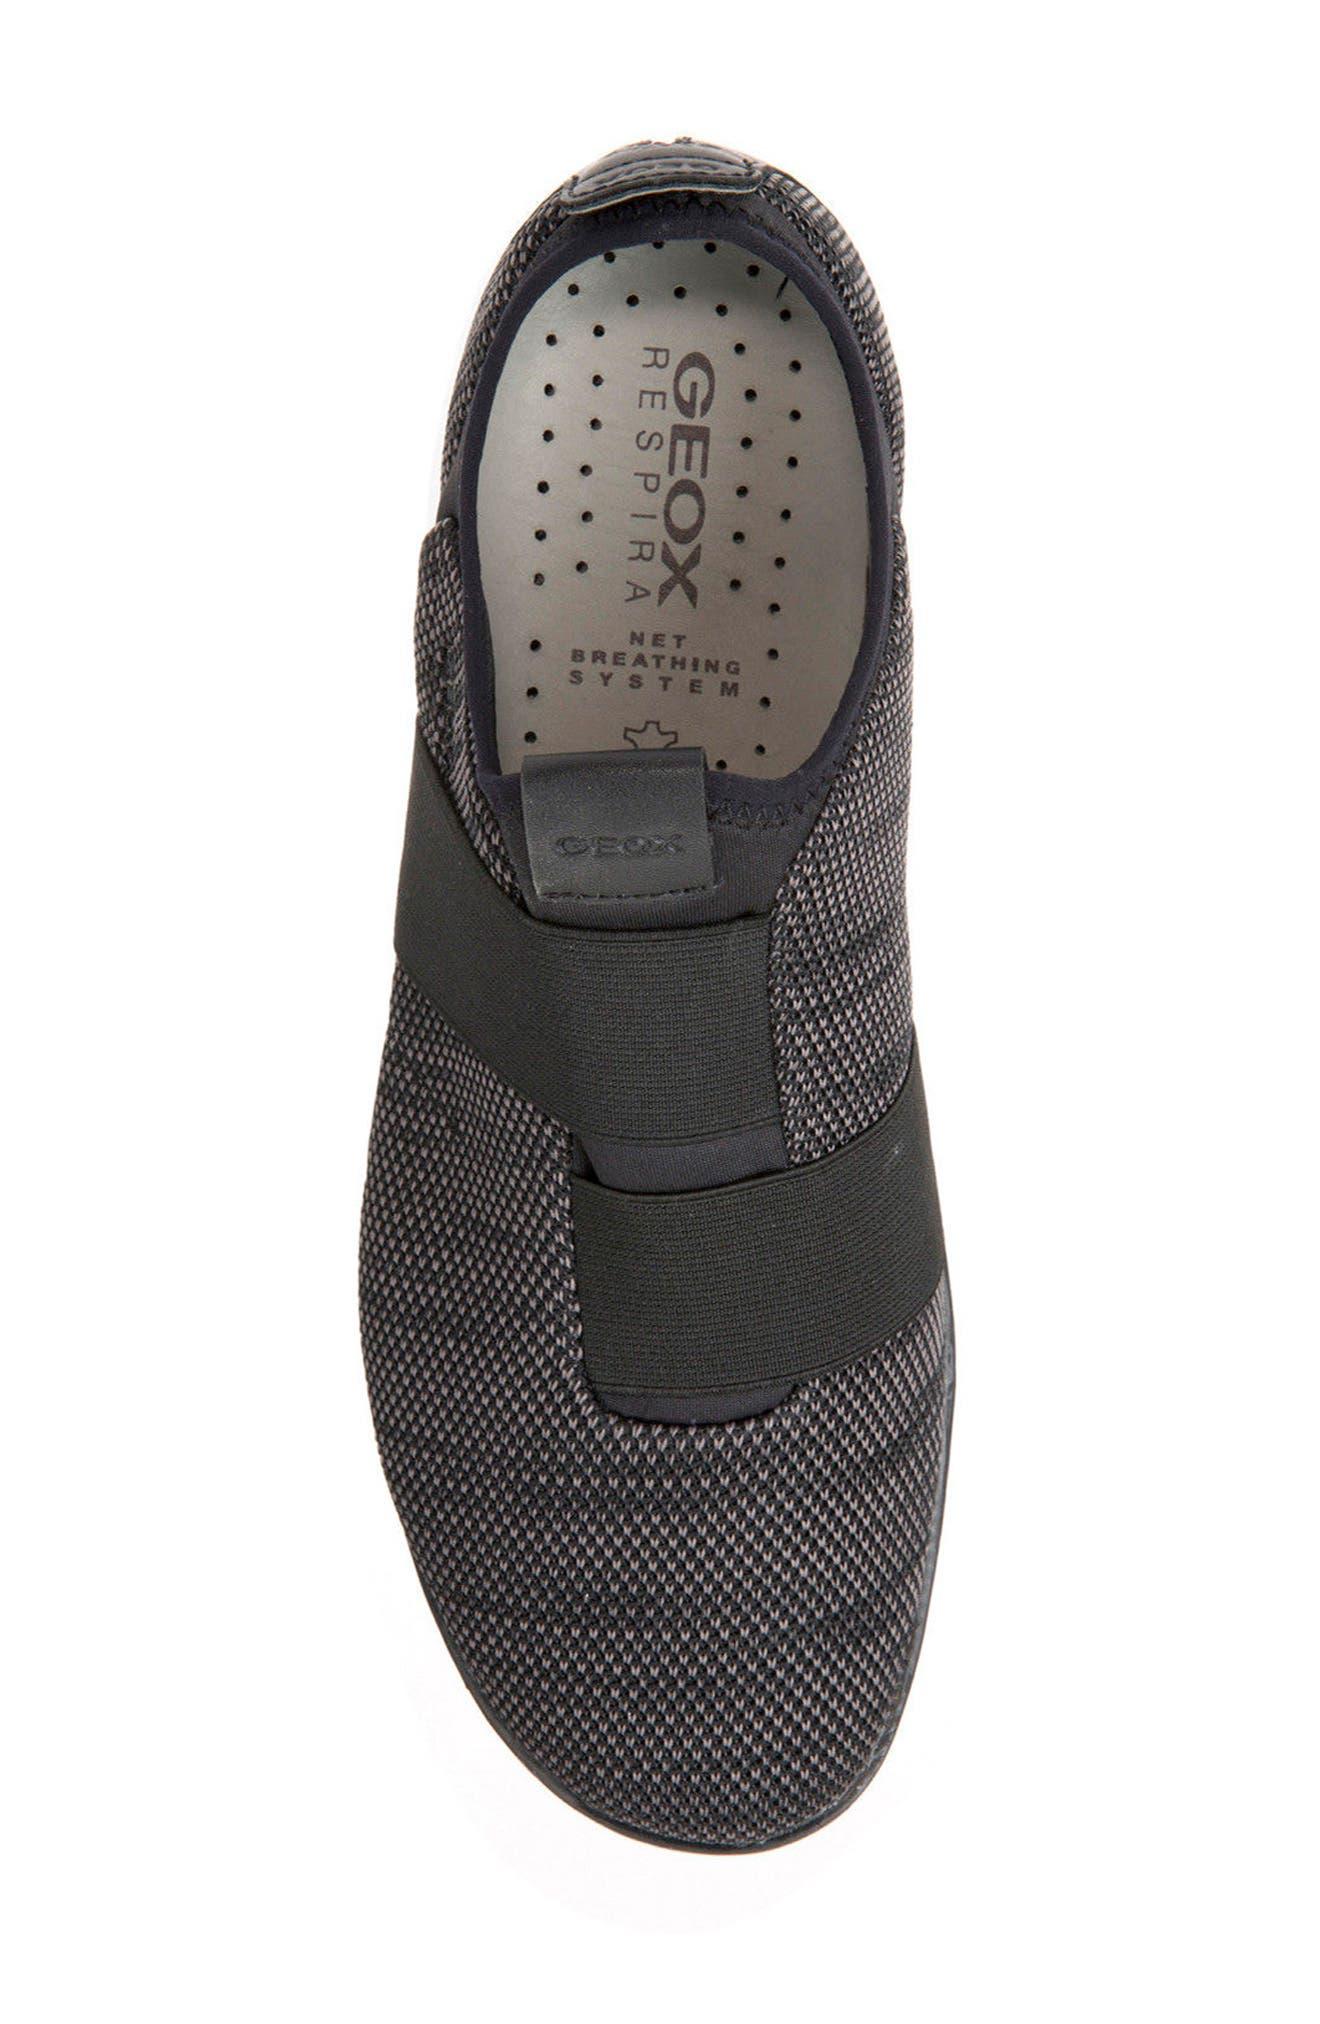 Nebula 45 Banded Slip-On Sneaker,                             Alternate thumbnail 5, color,                             BLACK